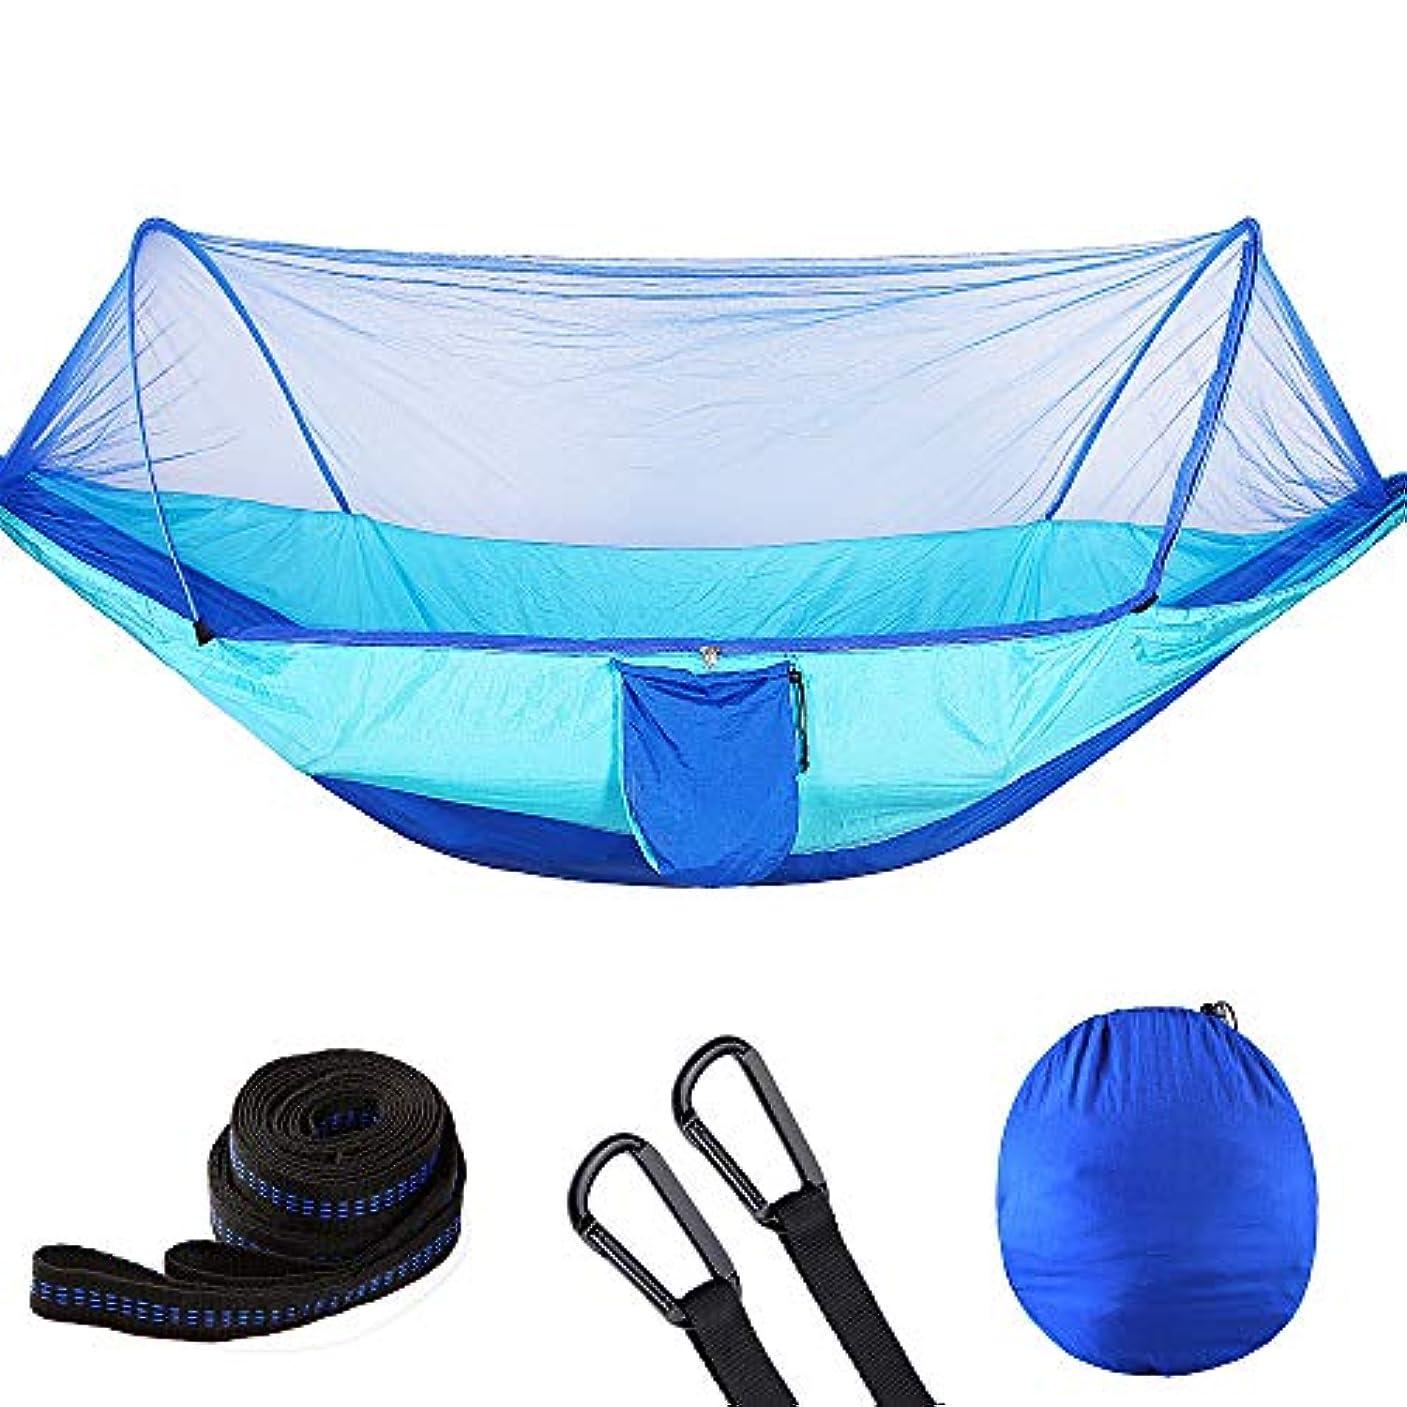 暗唱するシンク生まれキャンプ、バックパッキング、生存、旅行に適した、組み立てが容易な蚊帳を装備したシングルおよびダブルキャンプハンモック、ポータブルパラシュートナイロンハンモック。